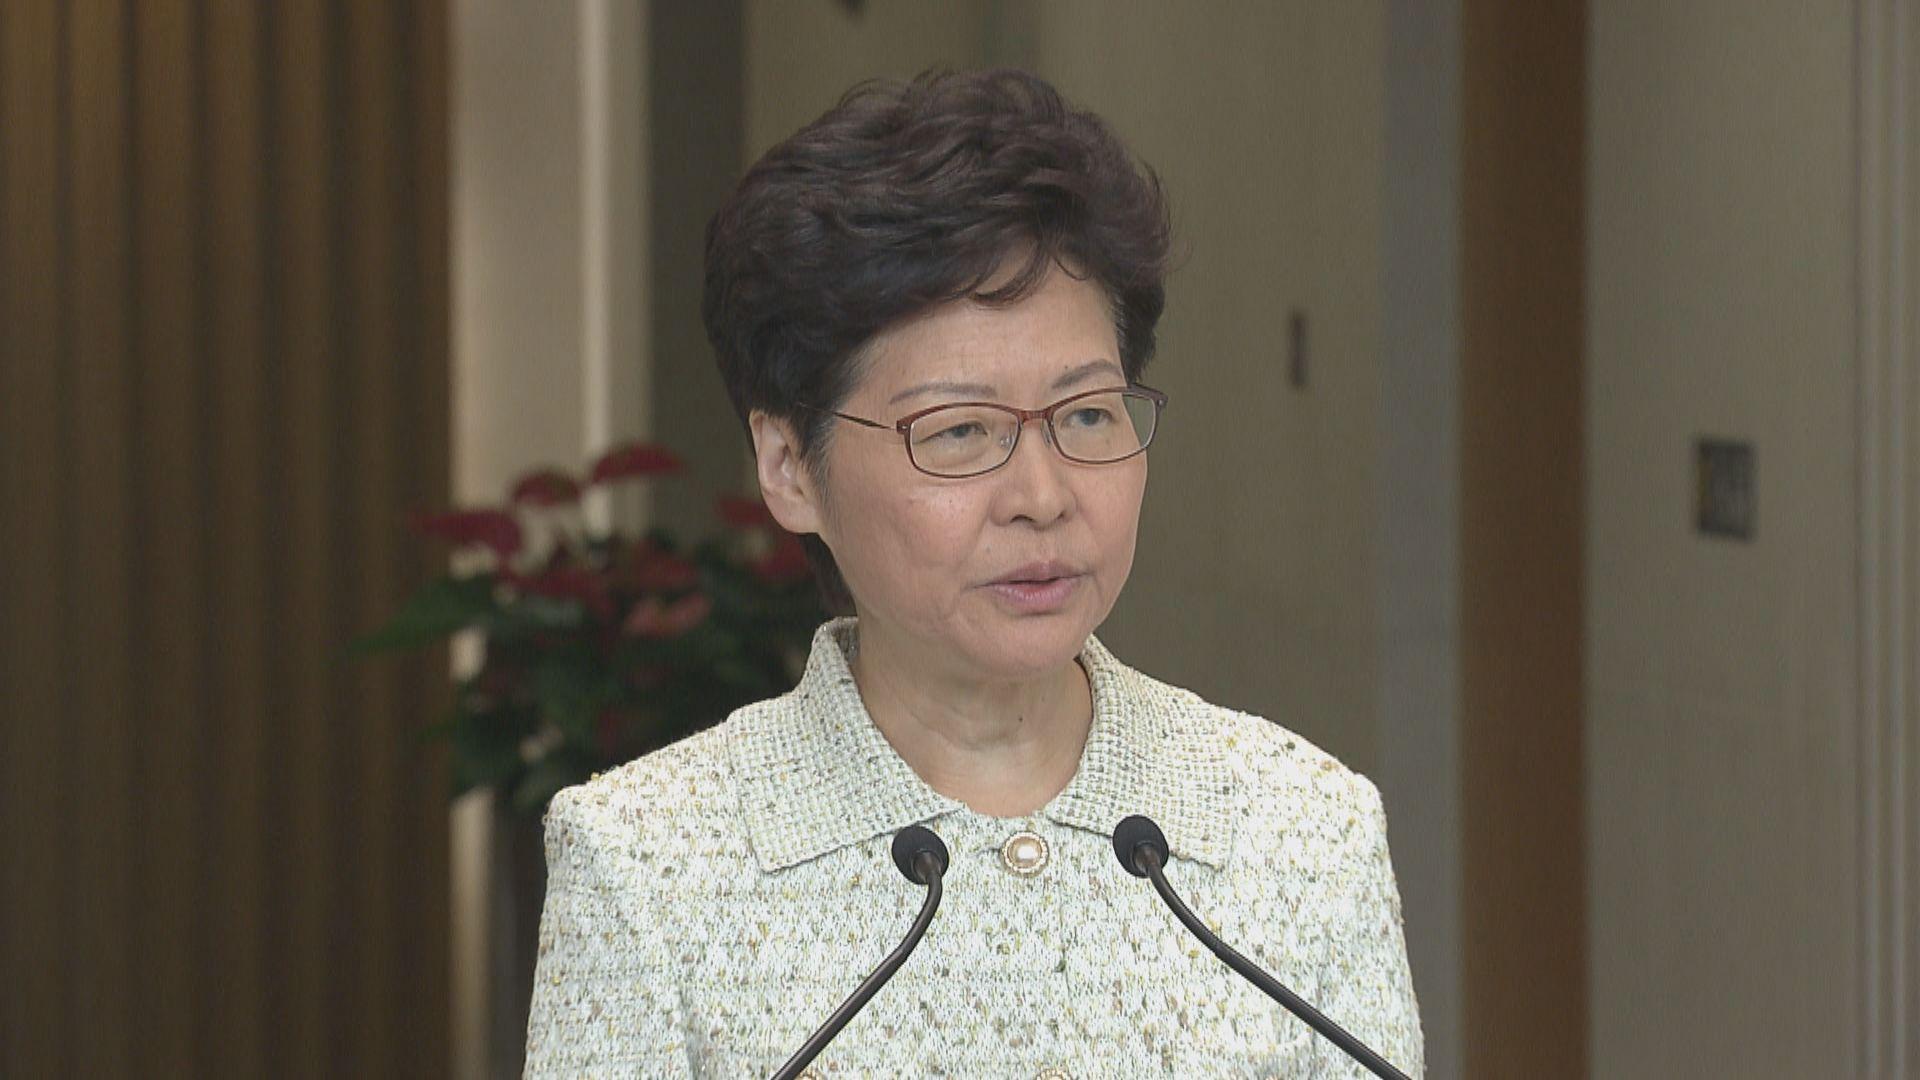 【施政報告】林鄭:報告將聚焦土地房屋問題